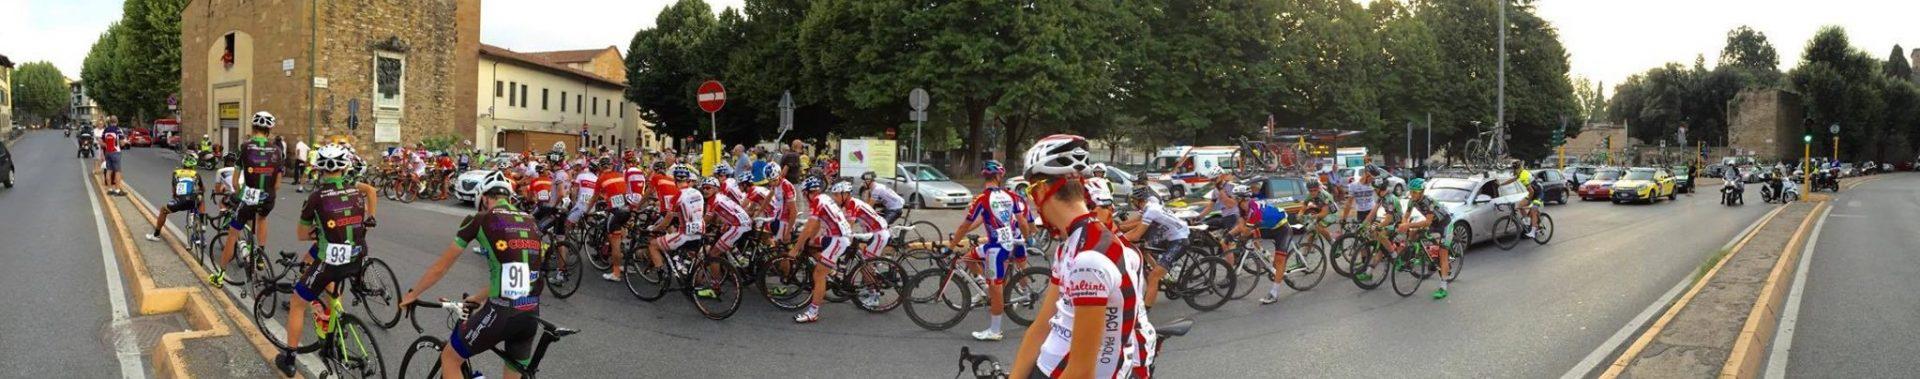 Sito Ufficiale - corsa ciclistica under-23 di Ferragosto